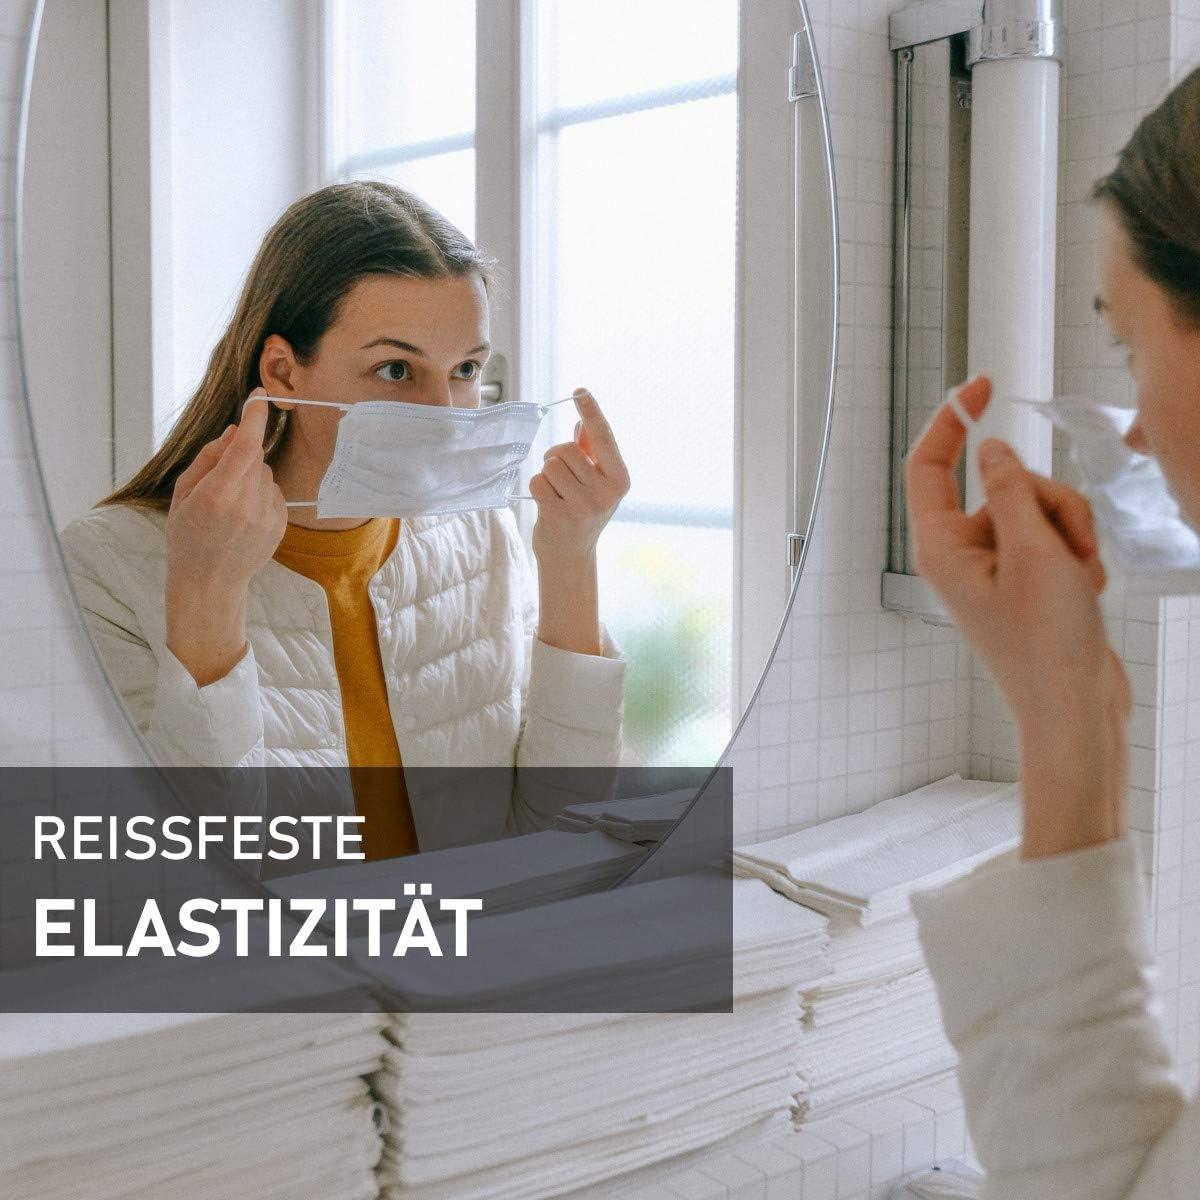 Behelfsmasken MAGATI Gummiband elastische Flache kochfeste Gummilitze zum N/ähen Basteln von DIY Community-Masken Mund-Nasenbedeckungen Hellgrau, 5m x 5mm